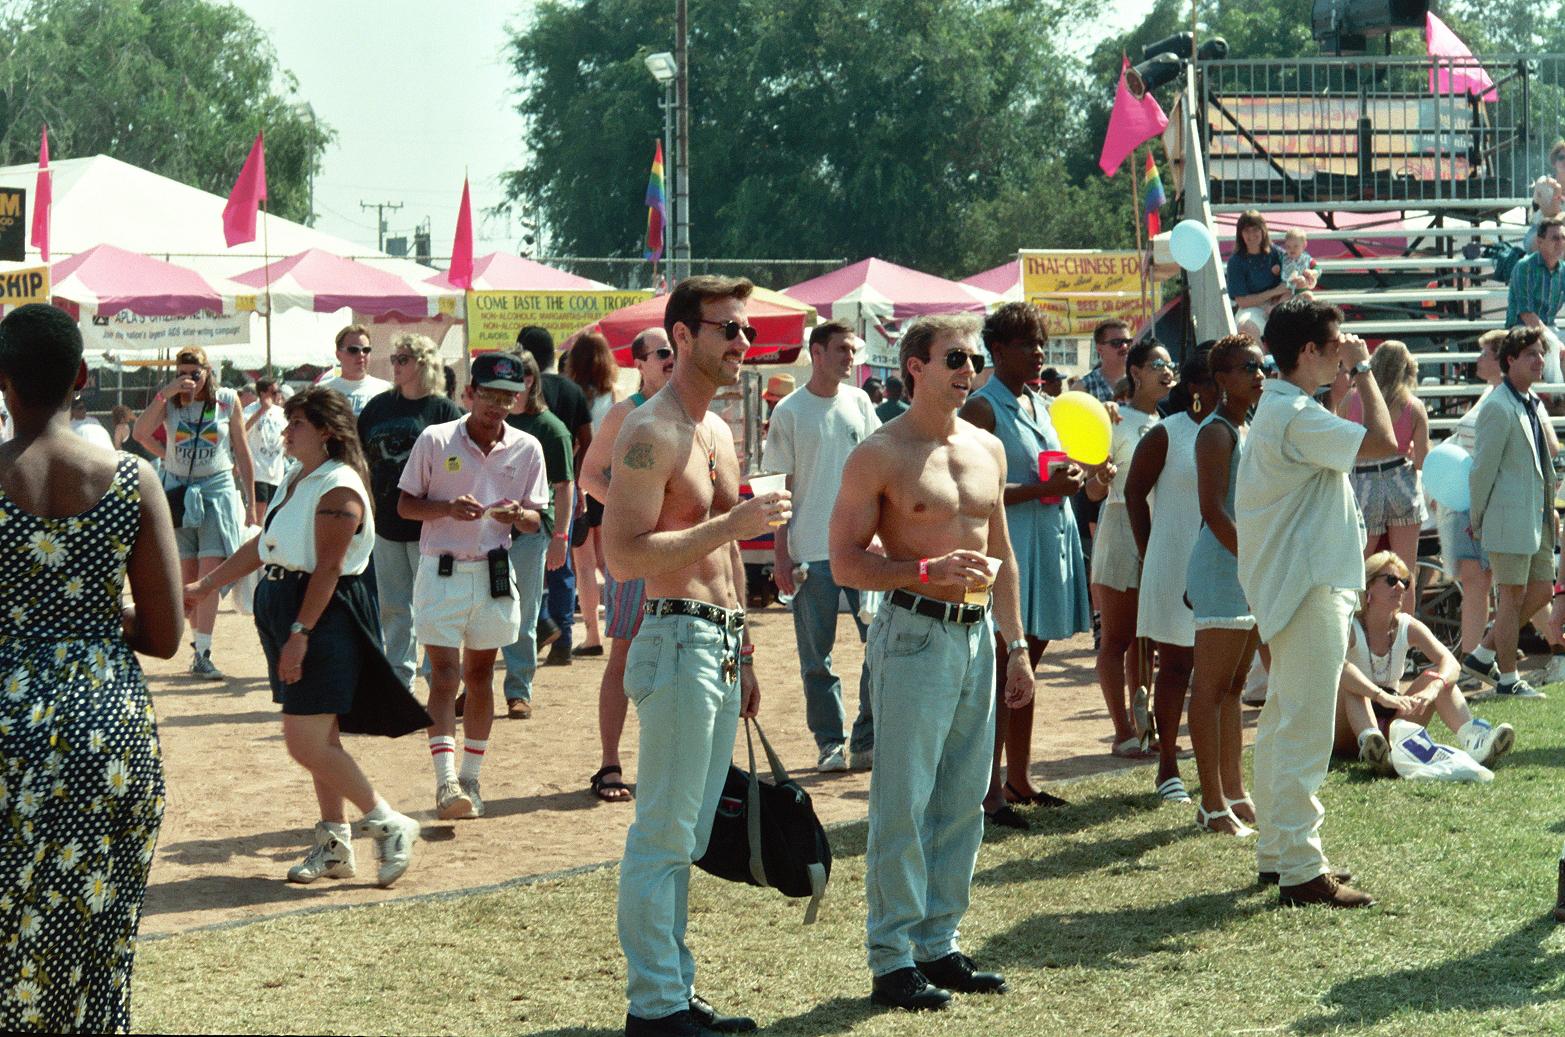 la-pride-1987-1995_22311386175_o